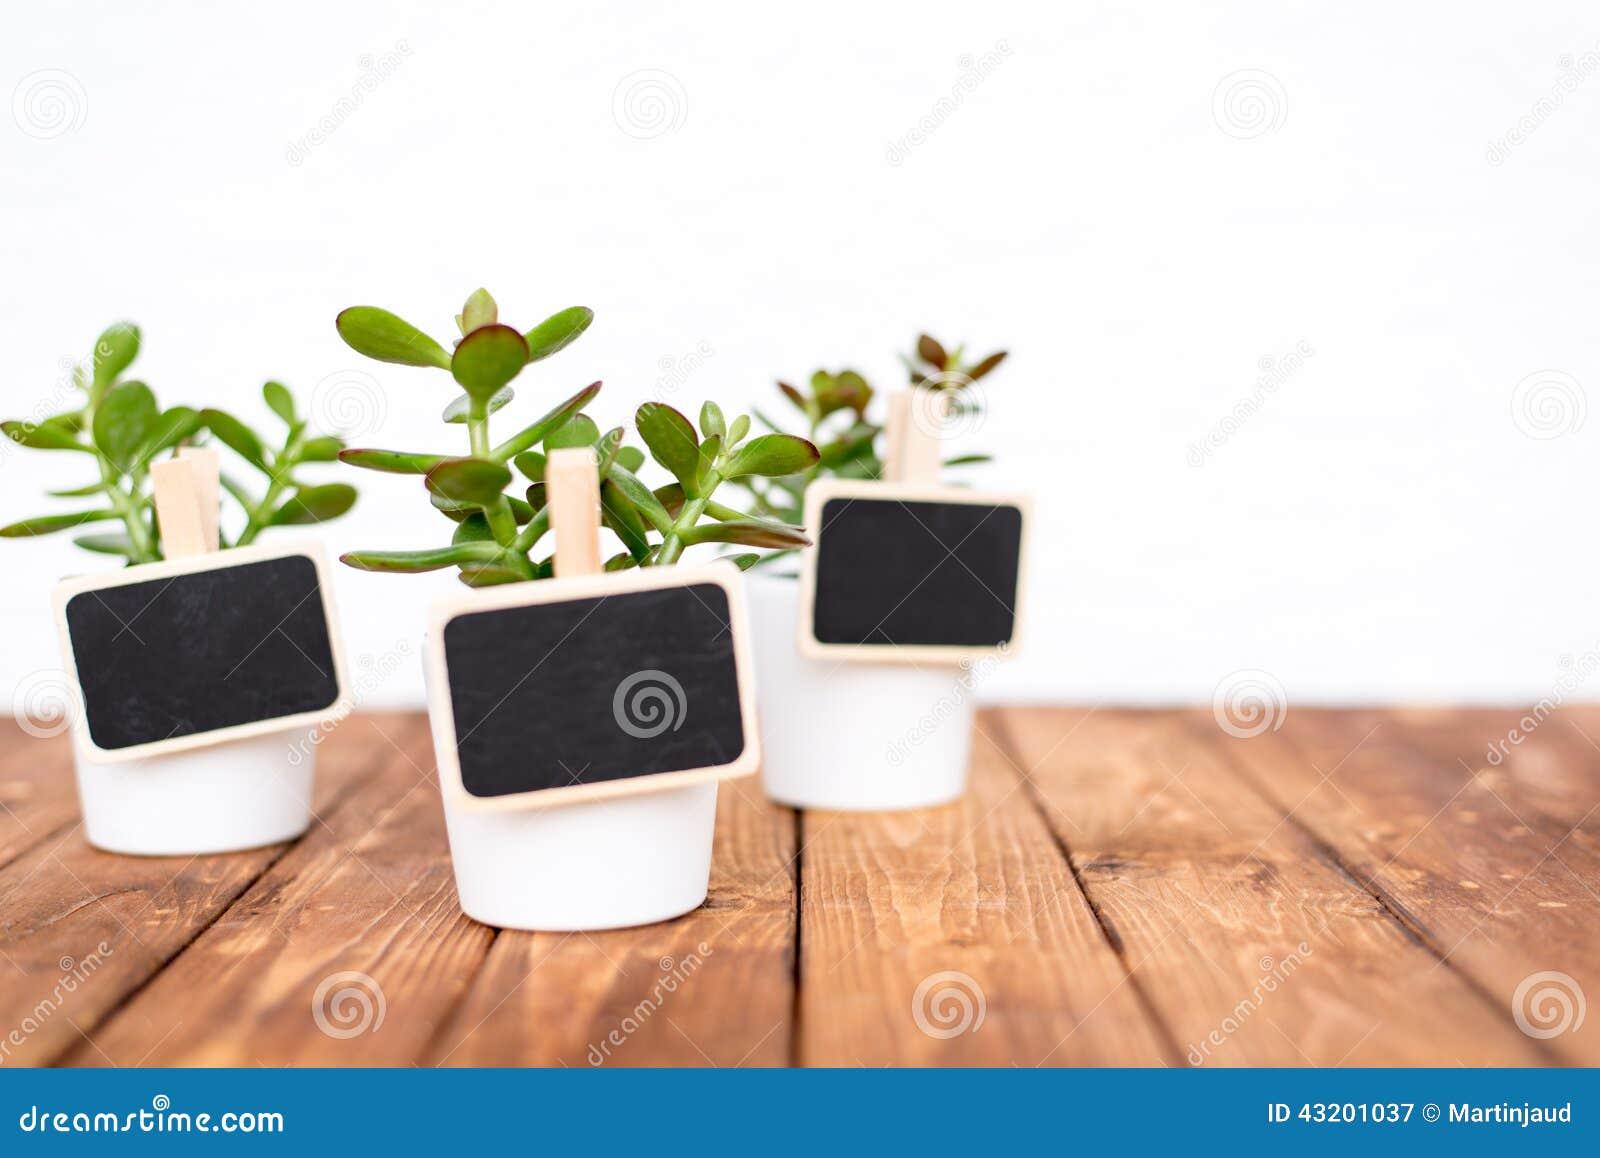 Download Små Krukväxter Med Tomma Kända Etiketter Fotografering för Bildbyråer - Bild av natur, växt: 43201037